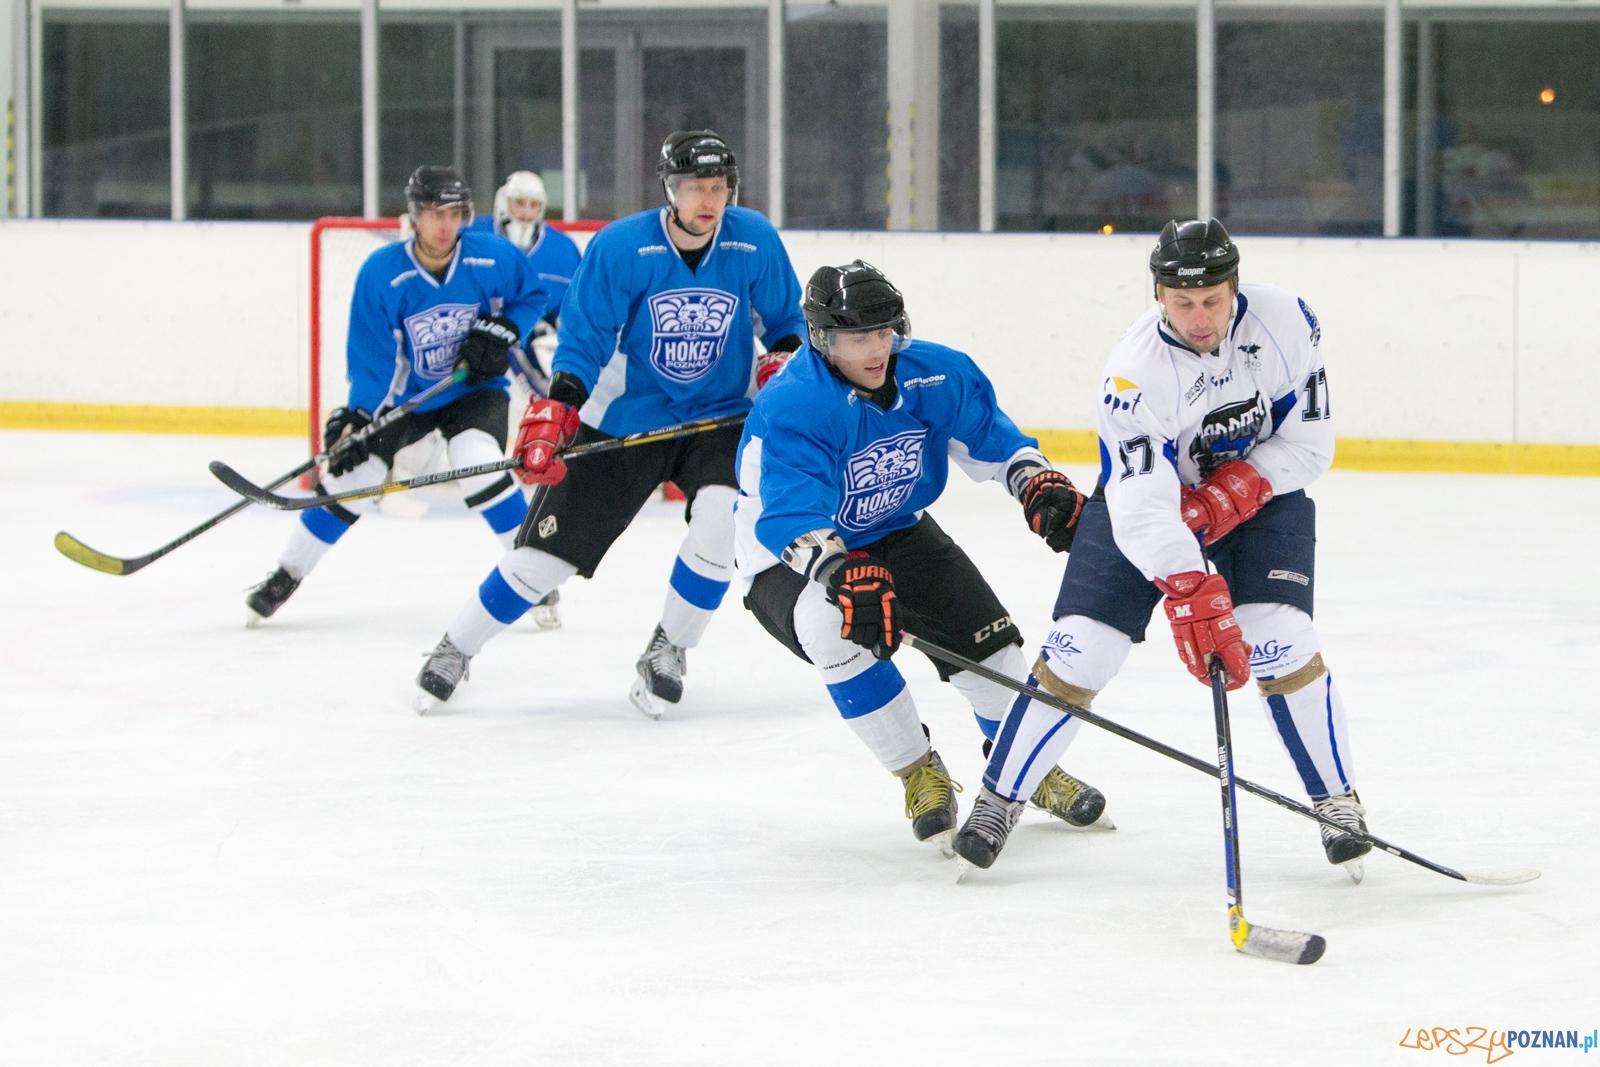 II liga hokeja na lodzie: Hokej Poznań- SKH Mad Dogs Sopot  Foto: lepszyPOZNAN.pl / Piotr Rychter